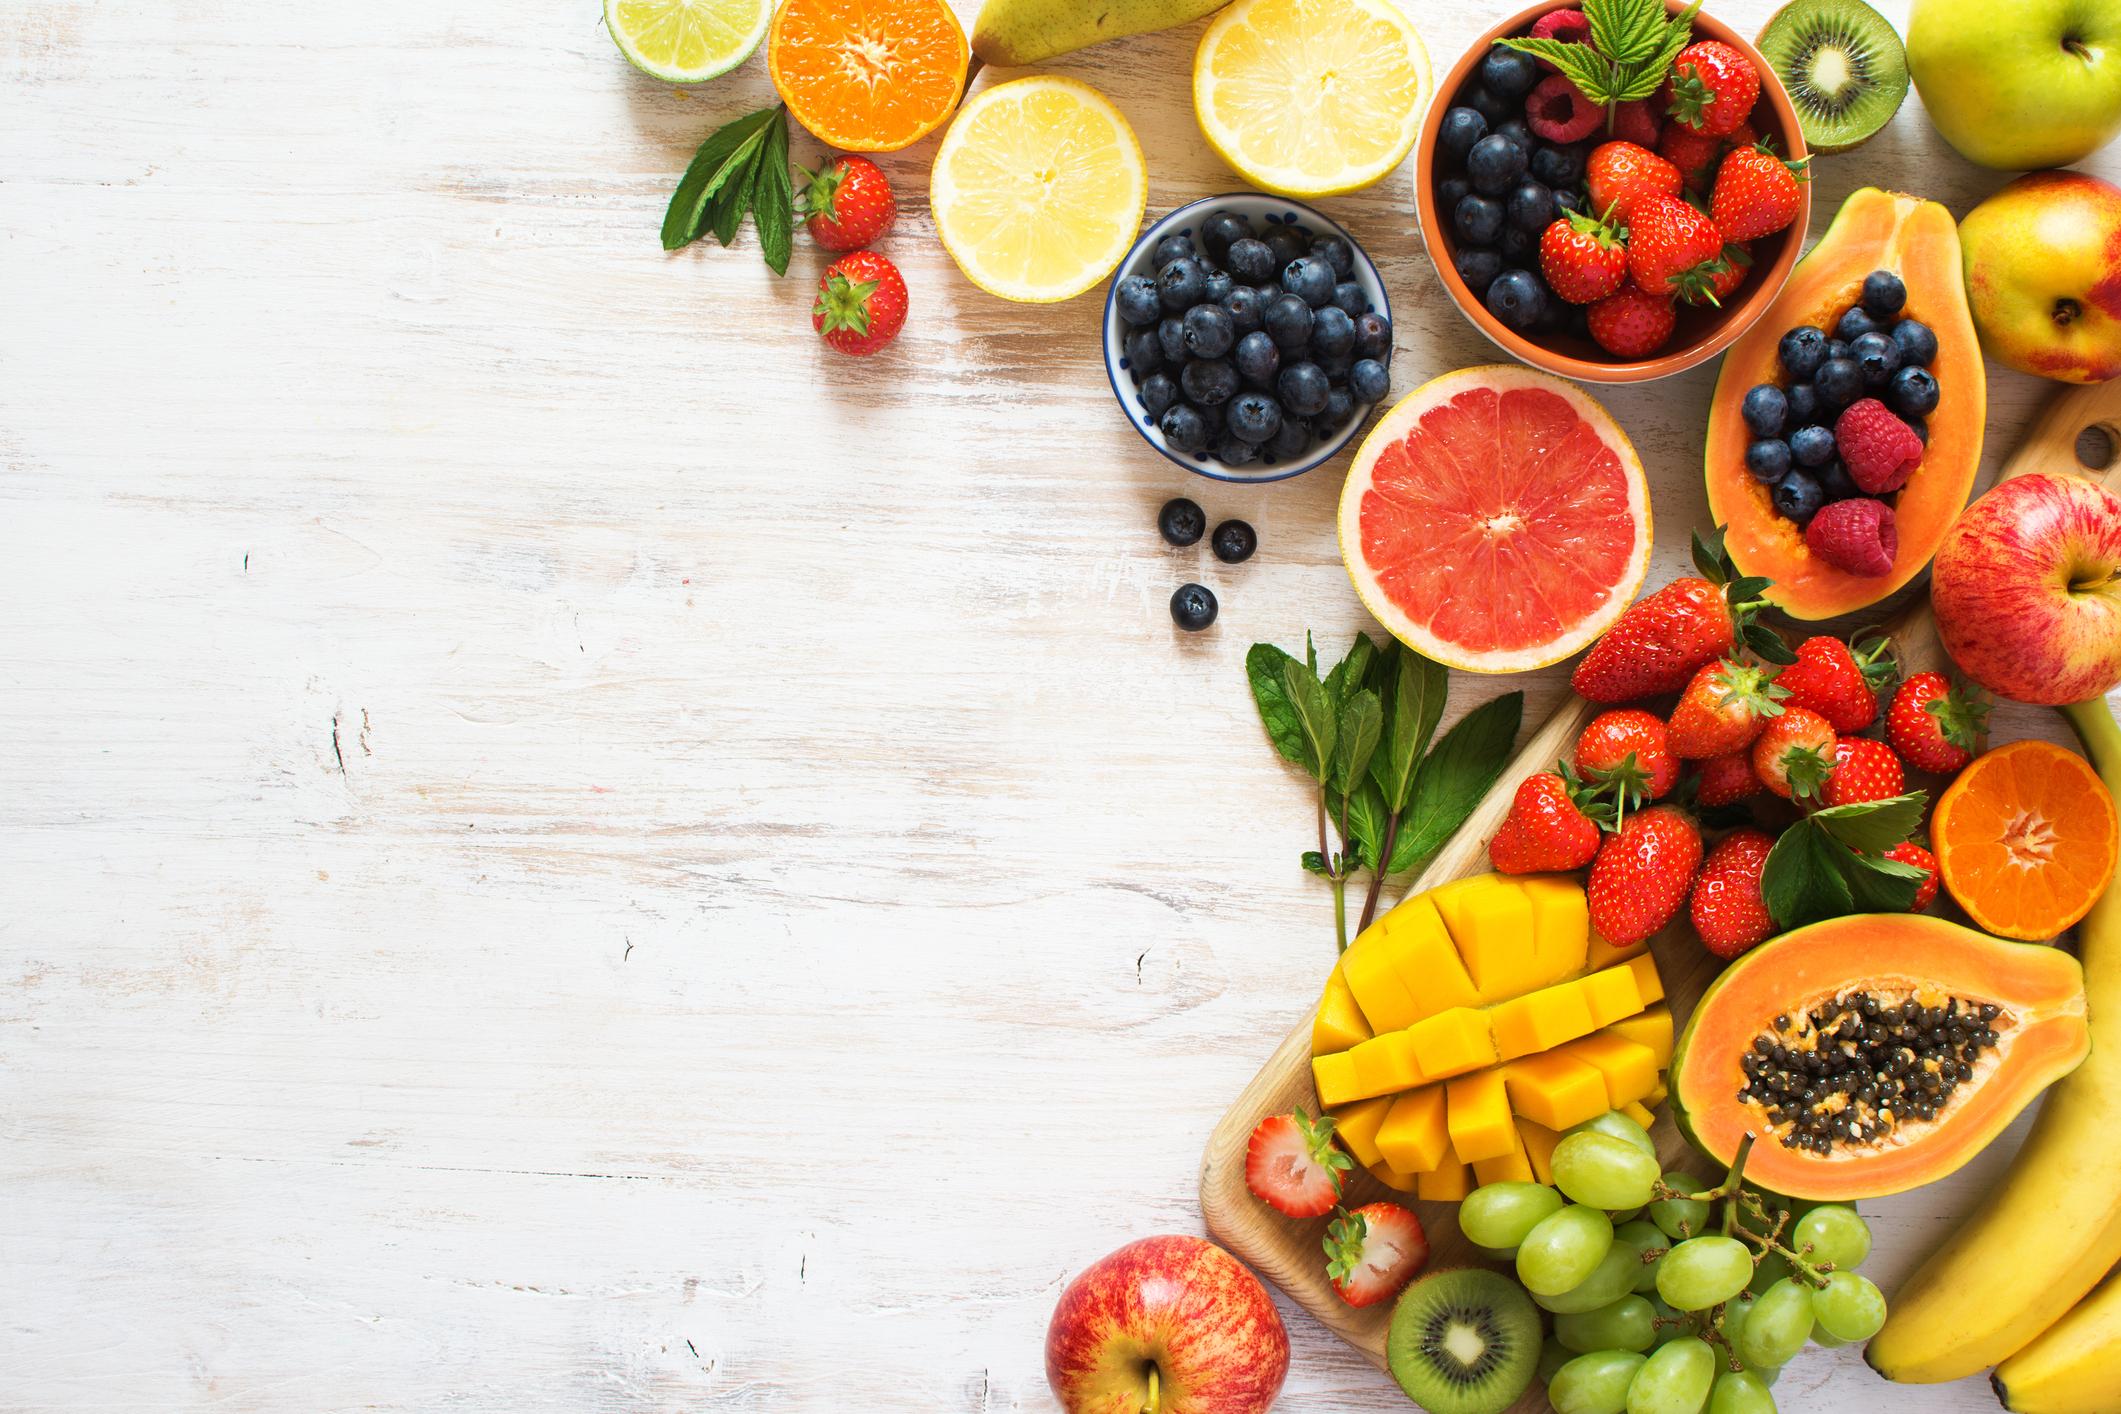 Alimentos ricos em vitamina C: quais são